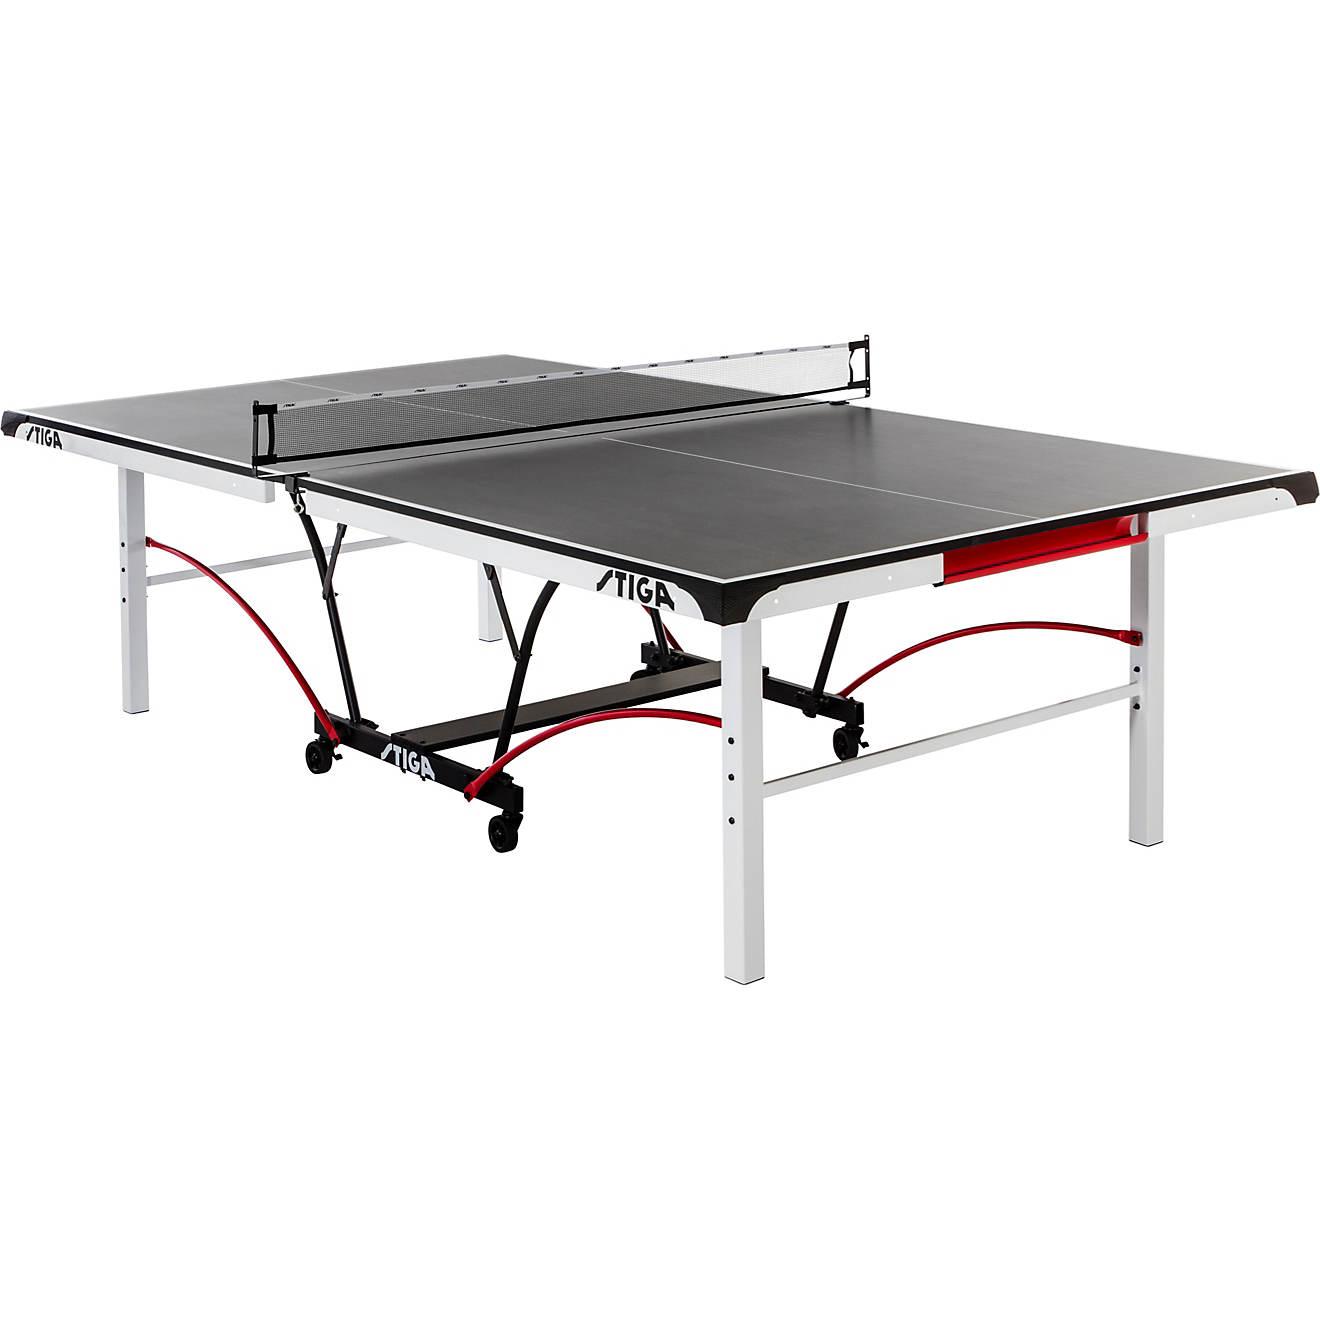 Stiga Master Series ST3100 Table Tennis Table